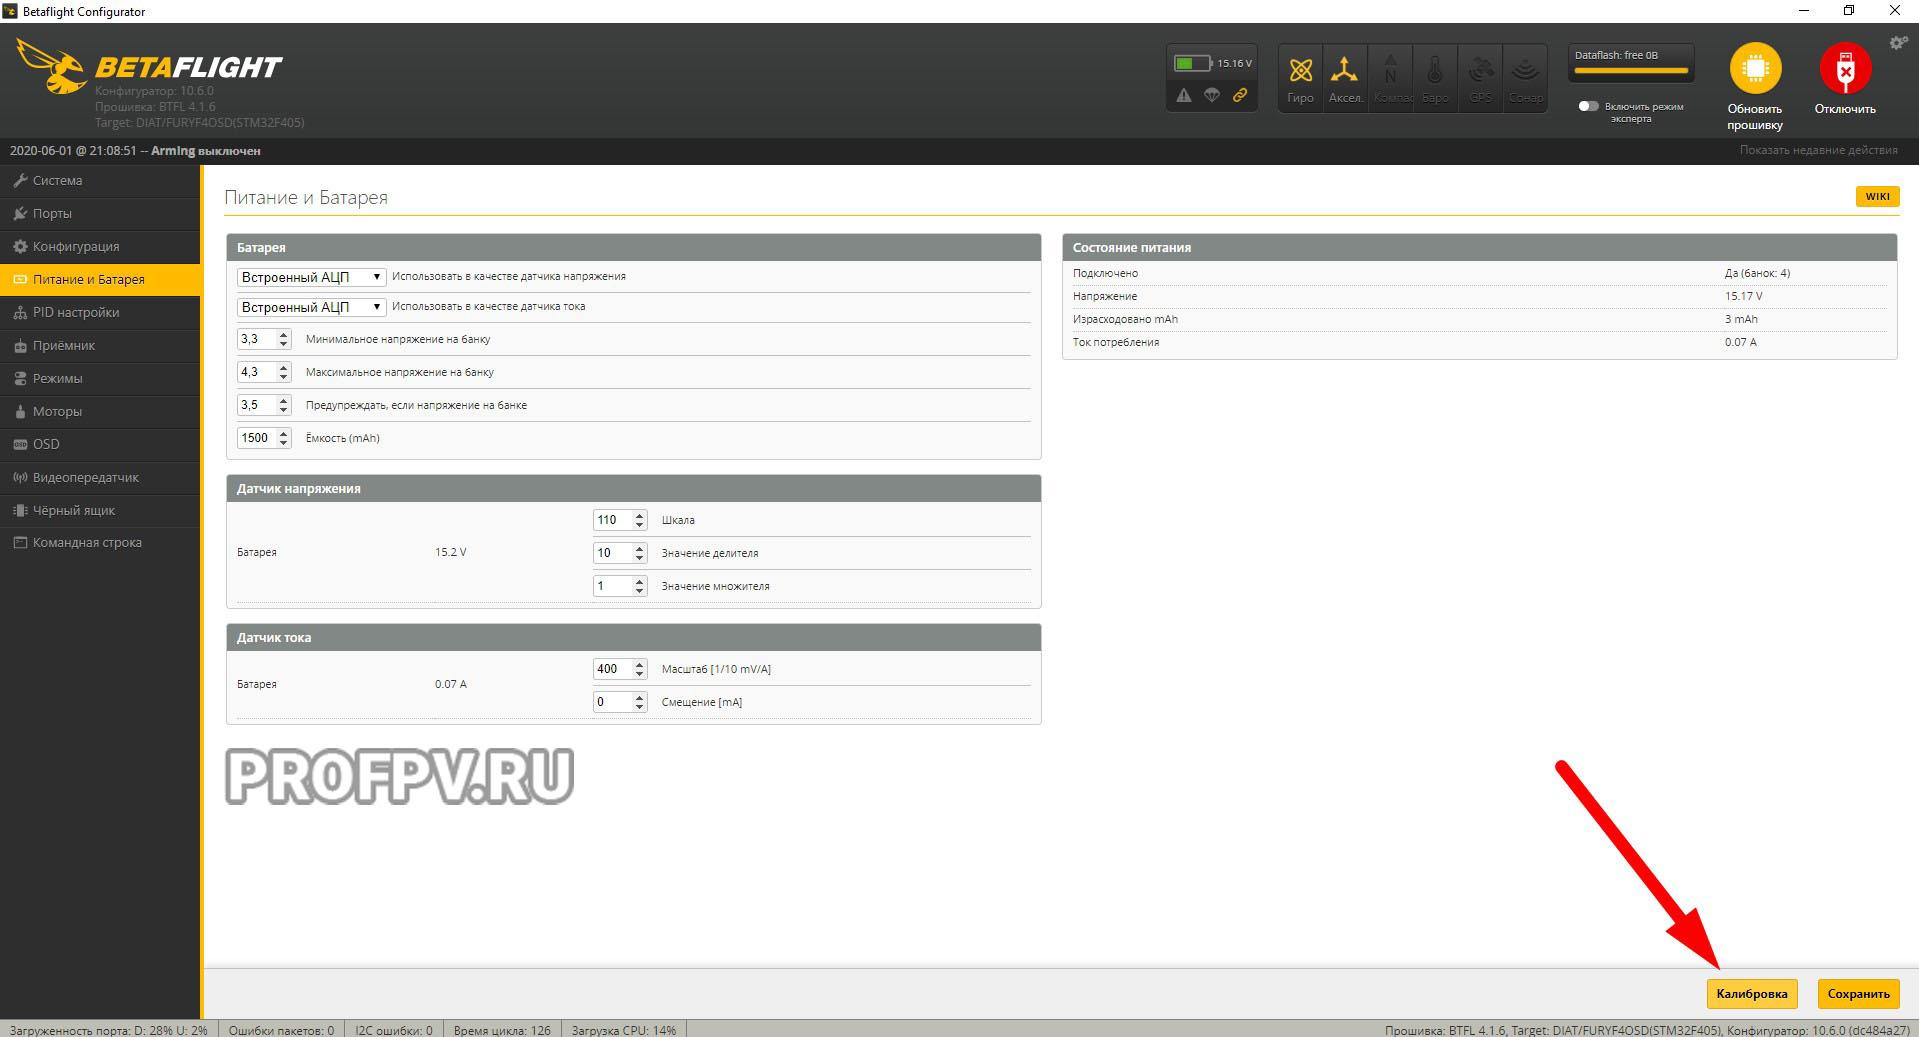 Как откалибровать датчик тока и датчик напряжения в Betaflight